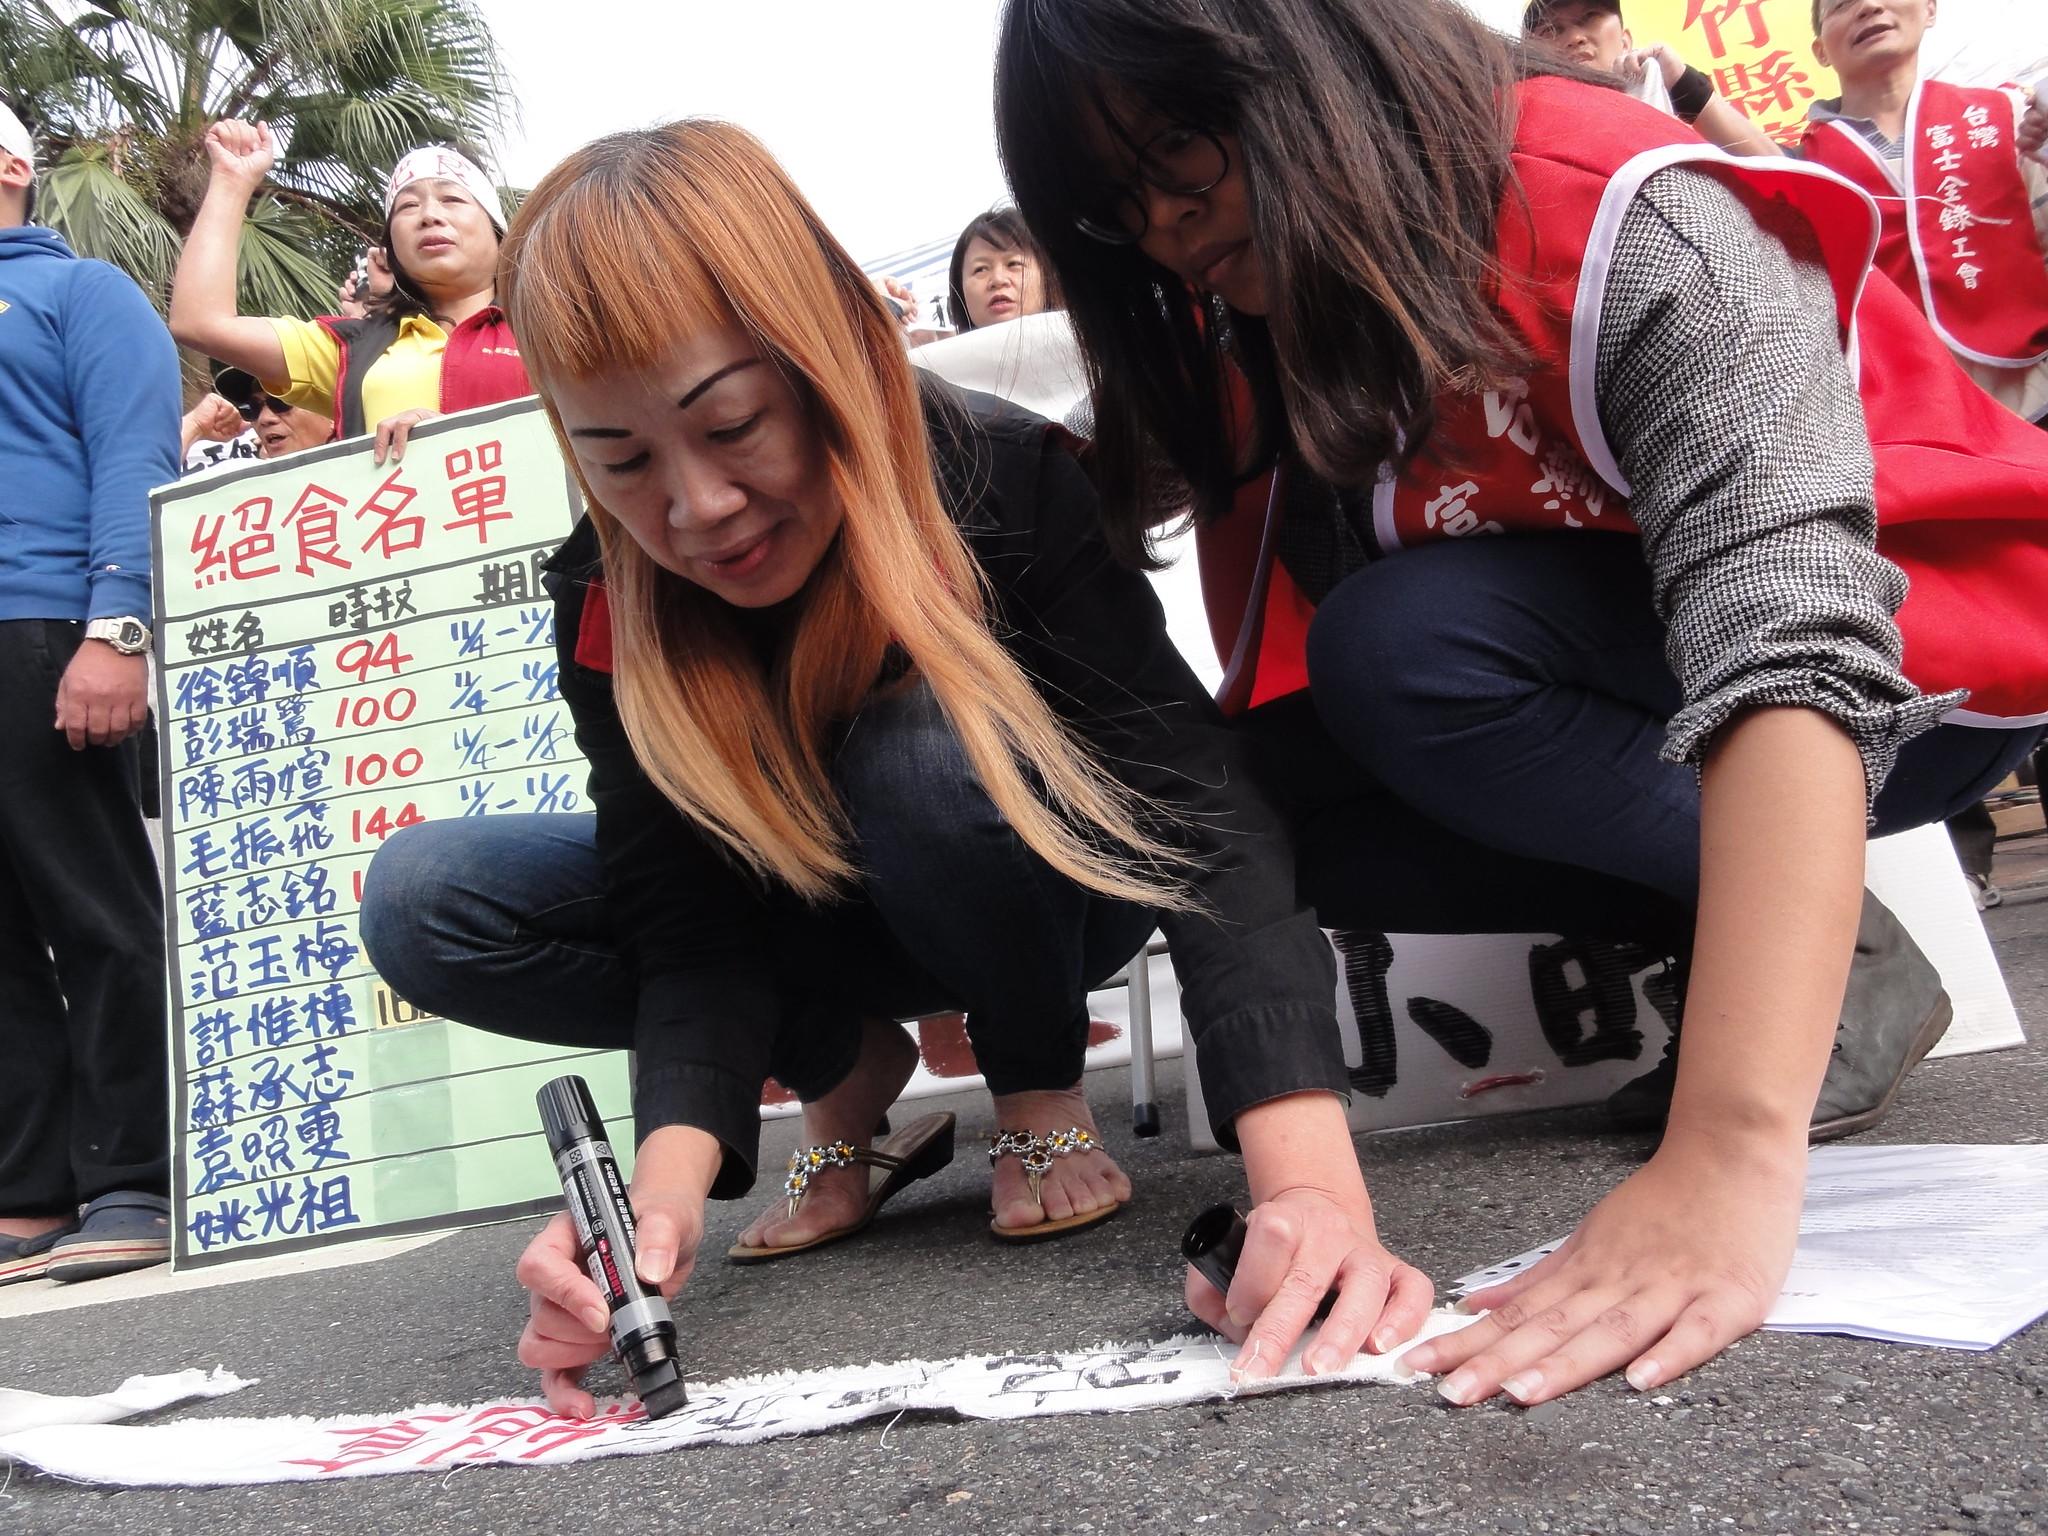 絕食168小時的范玉梅下午宣布退出絕食,並在頭巾上寫下絕食時數。(攝影:張智琦)